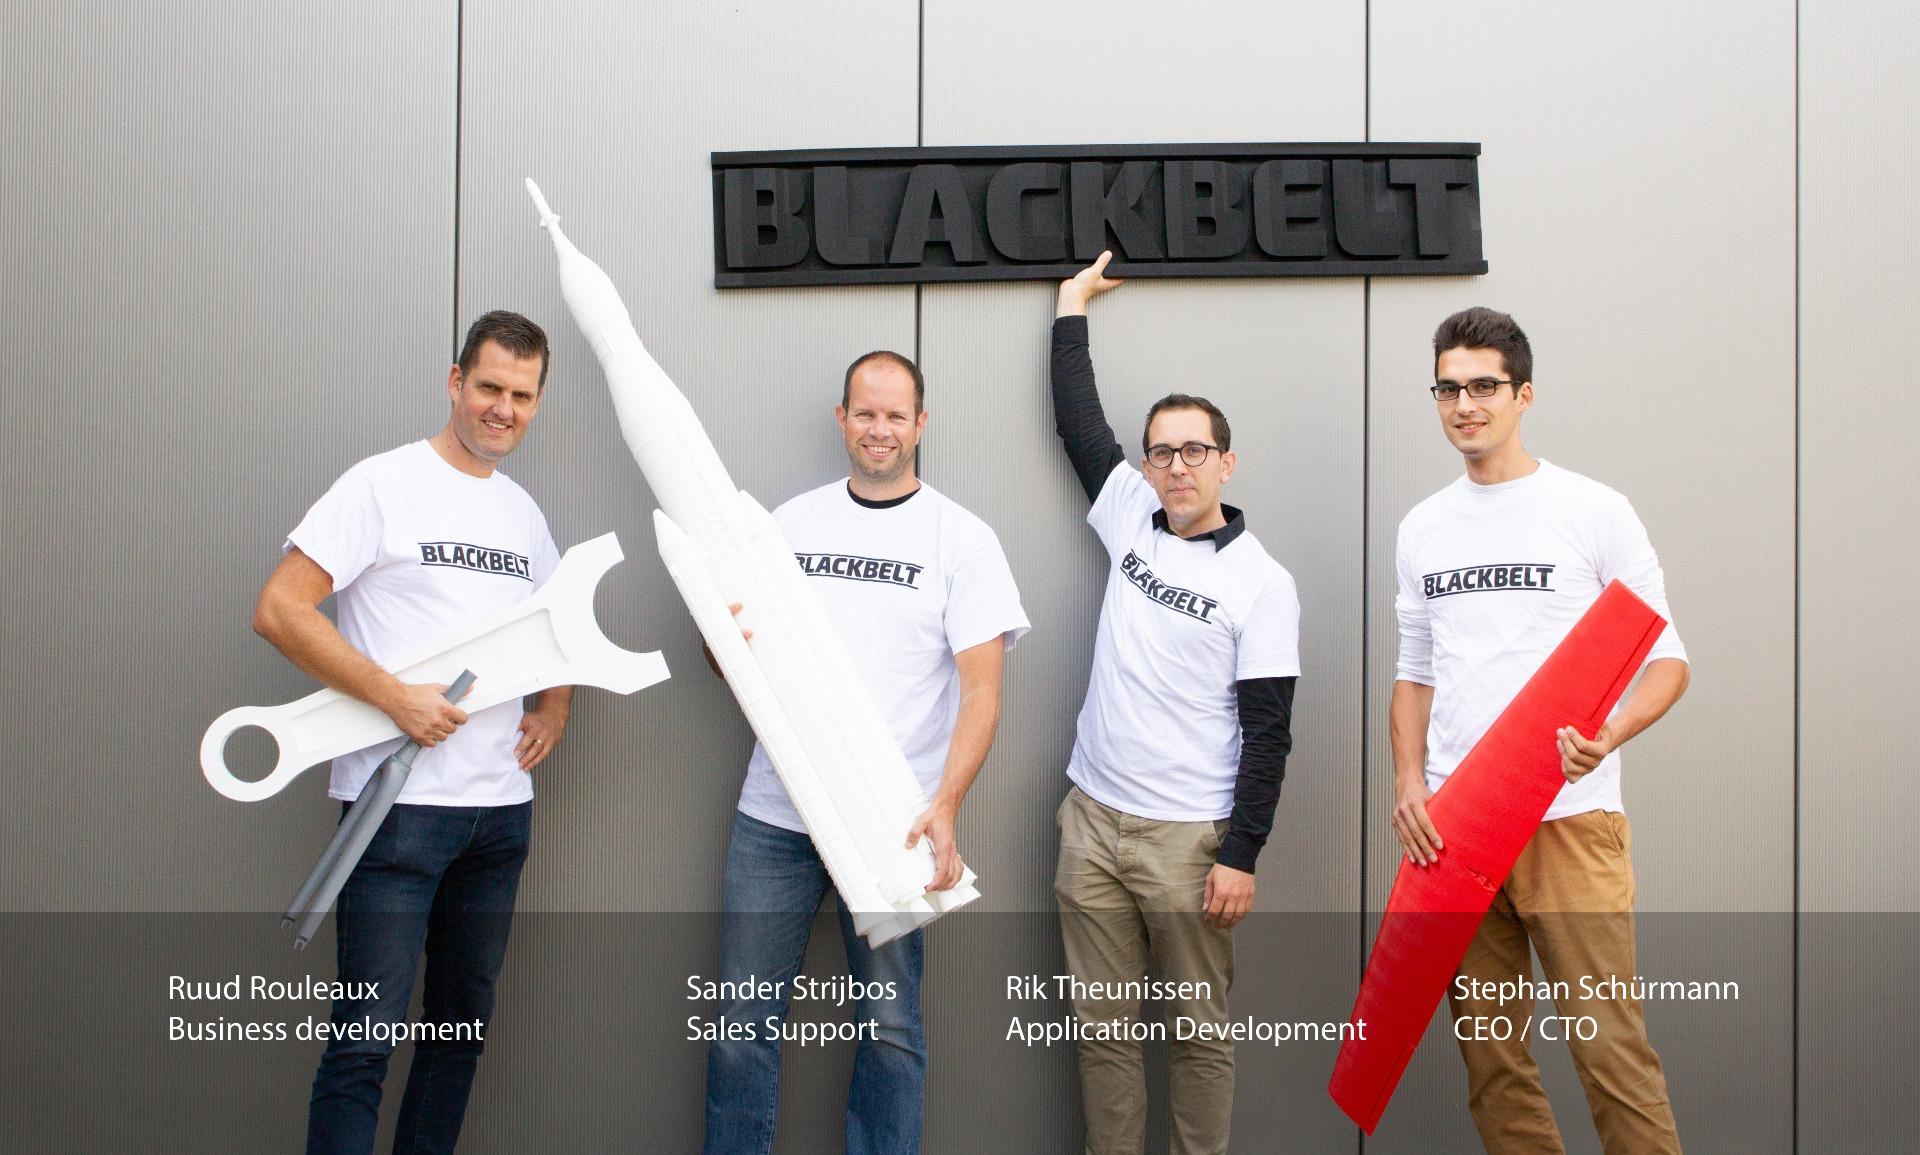 Blackbelt team